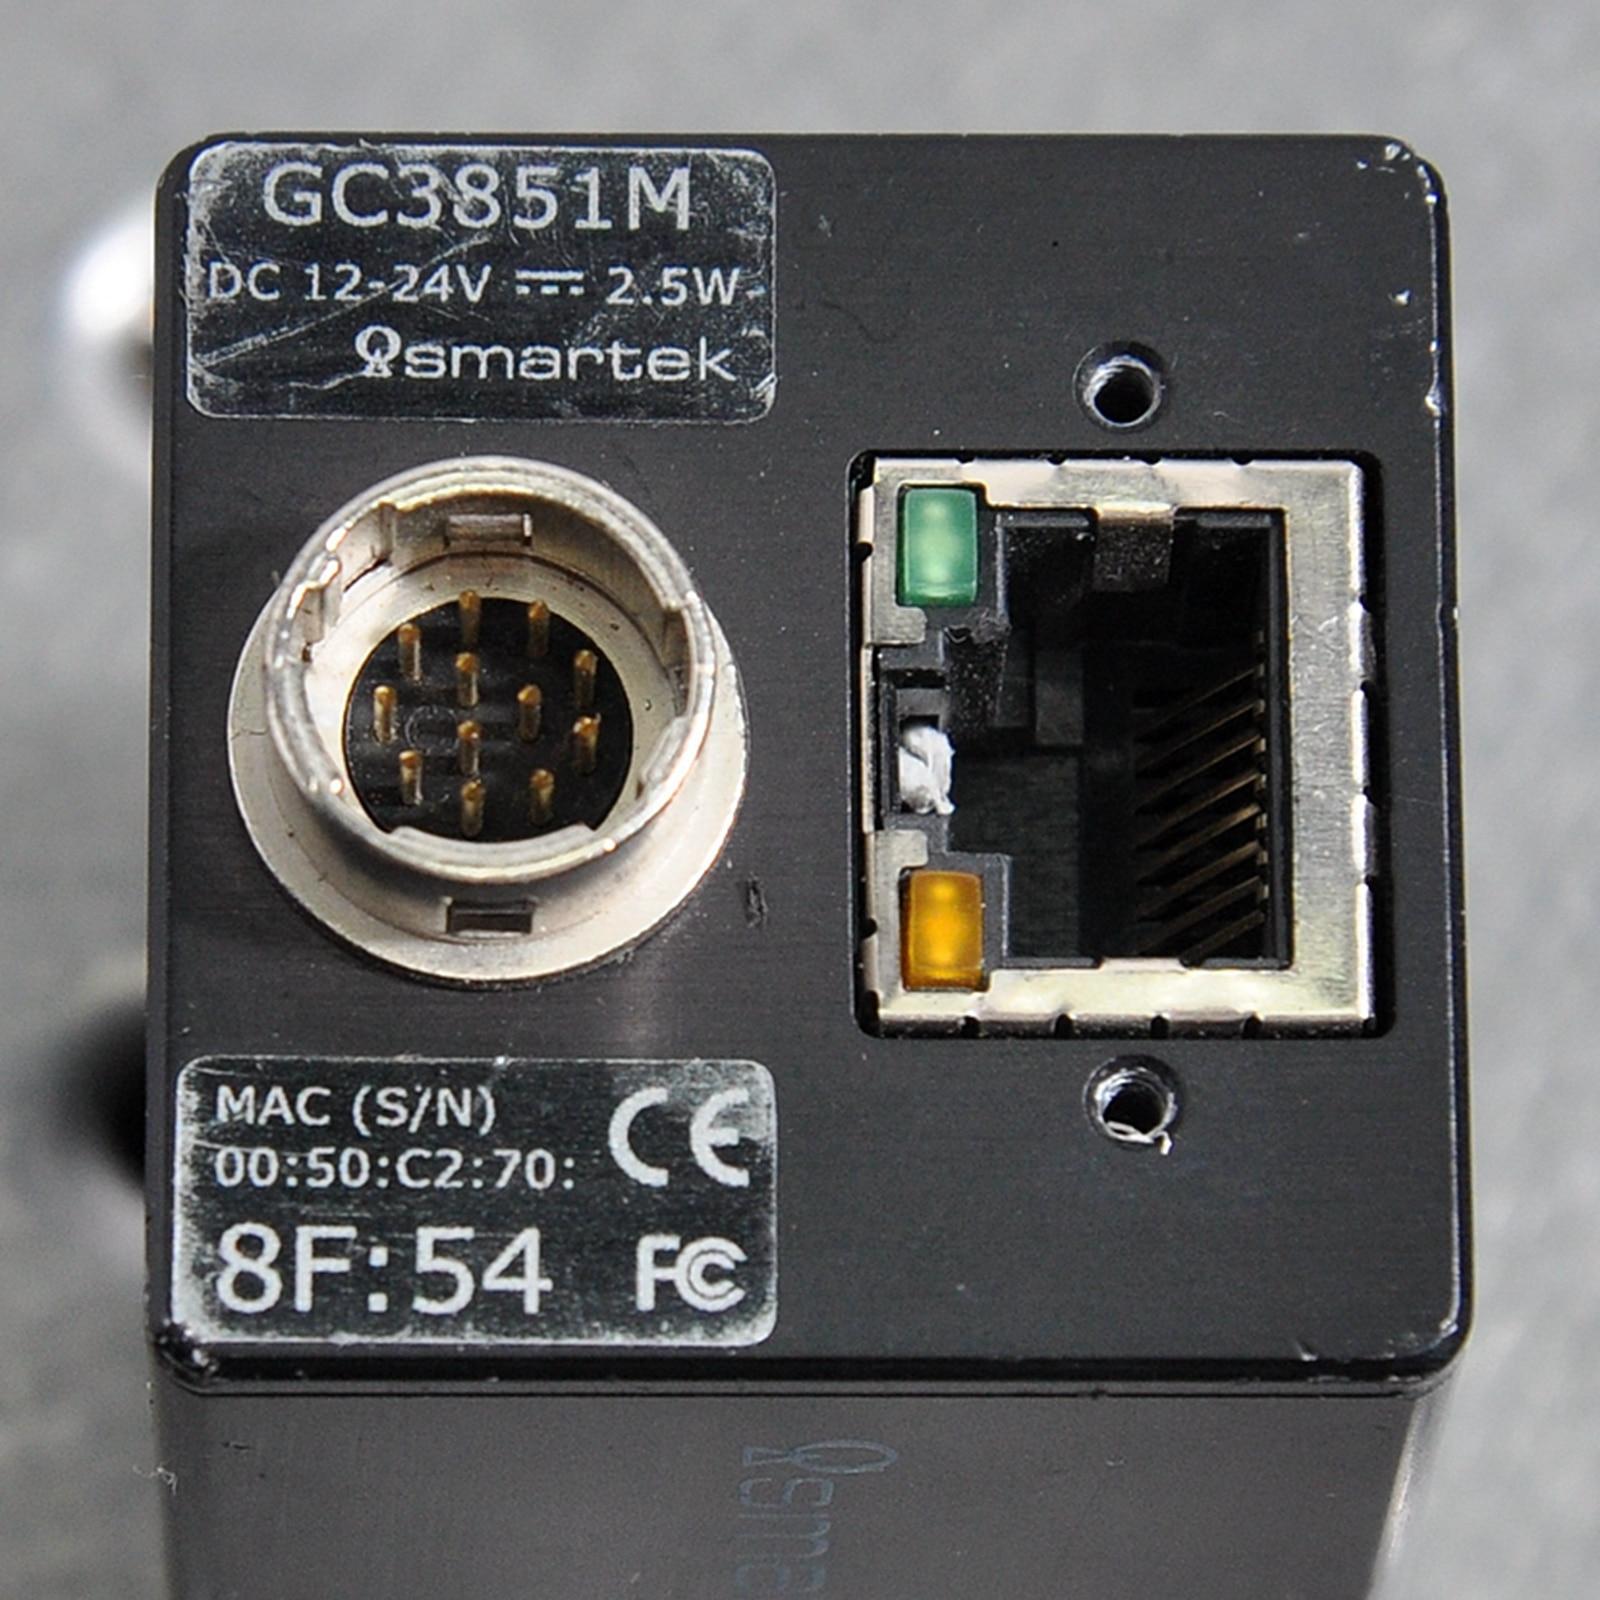 Smartek Vision GC3851M IndustrialCamera CCD Network Port enlarge